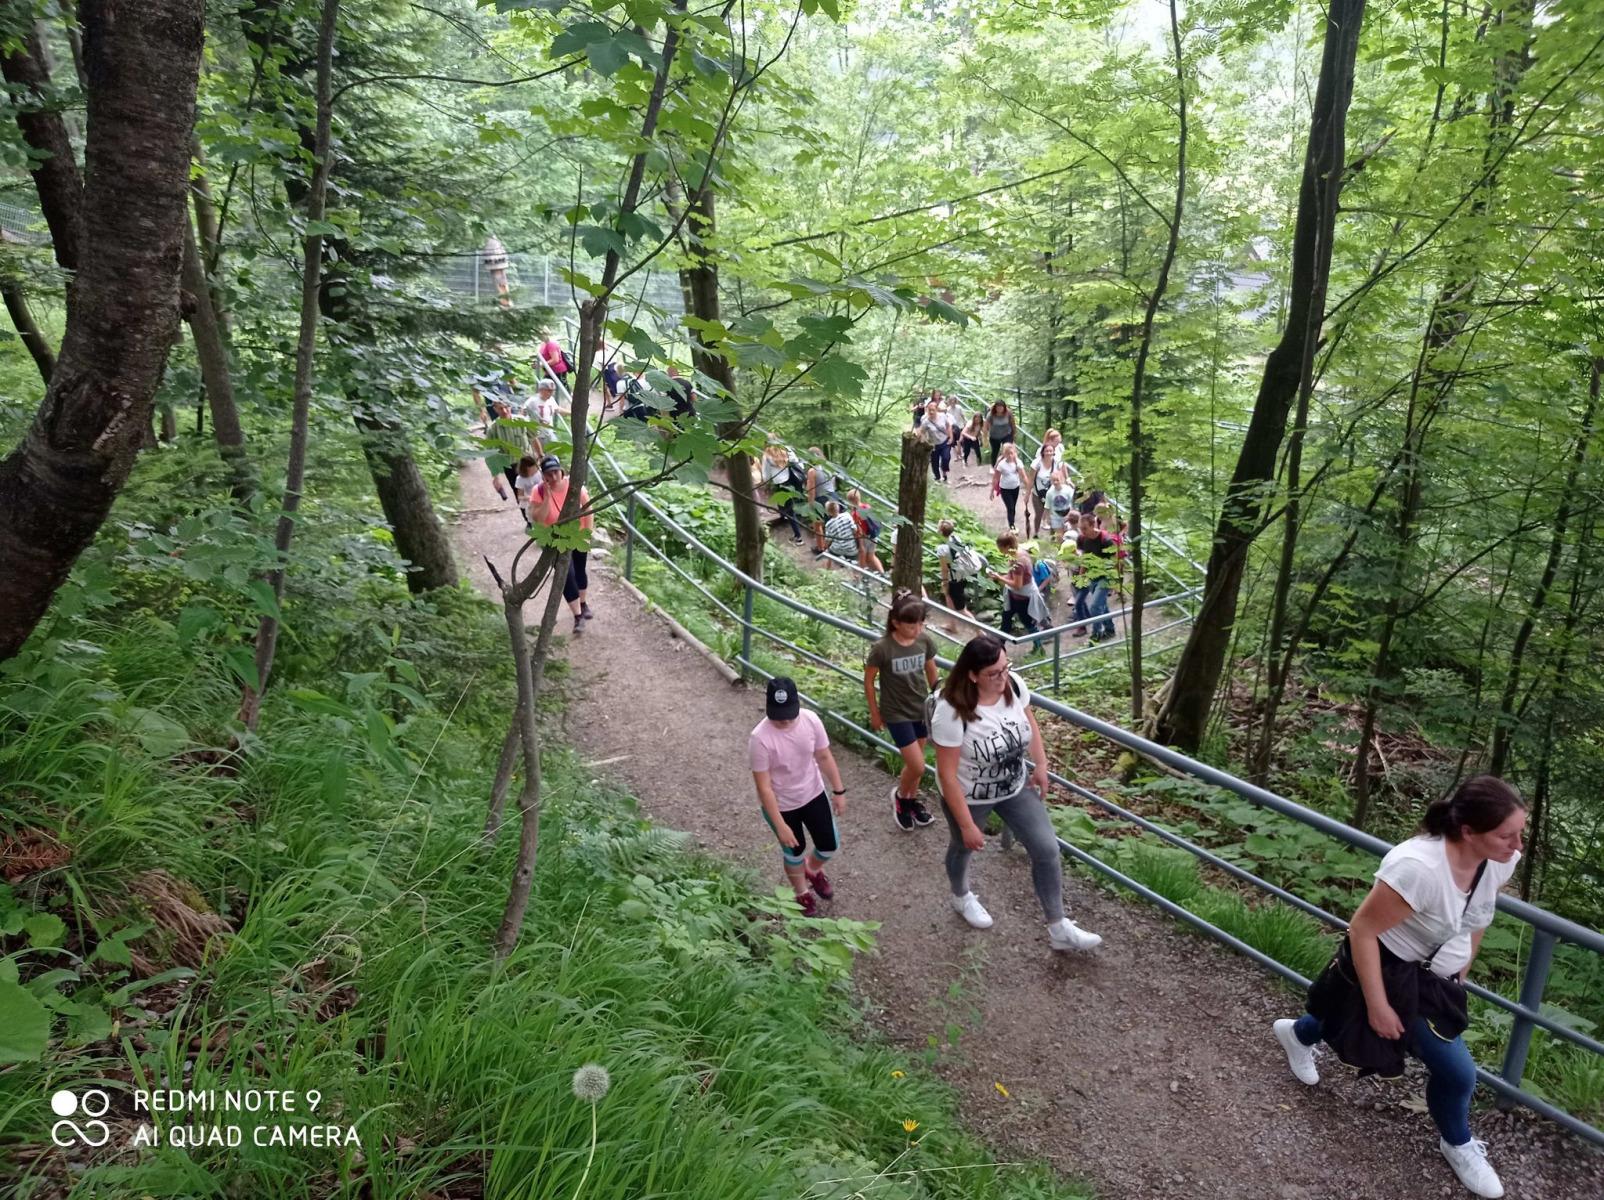 2021.06.23-Pielgrzymka-dziekczynna-po-uroczystosci-Pierwszej-Komunii-Swietej_6